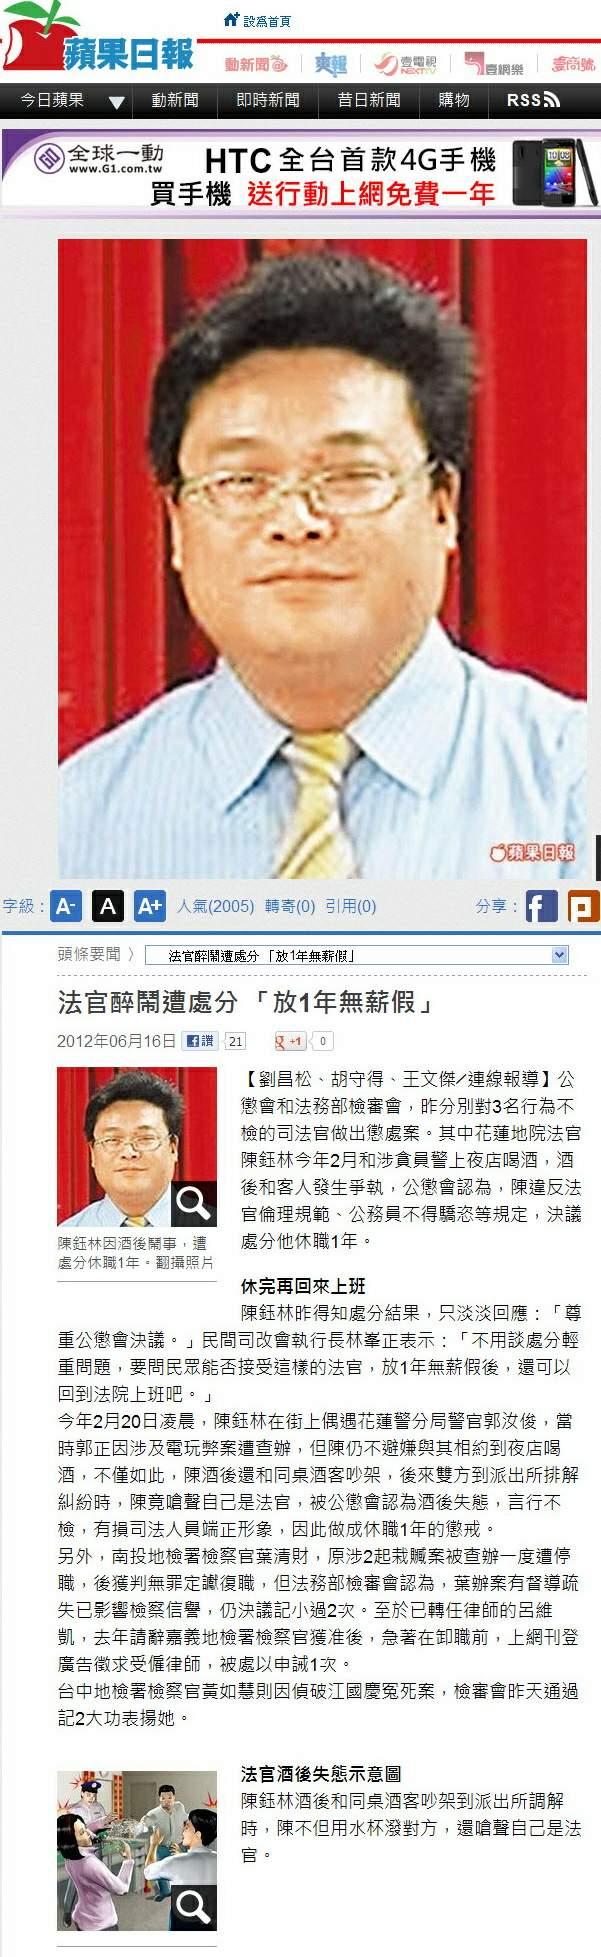 法官醉鬧遭處分 「放1年無薪假」-2012.06.16